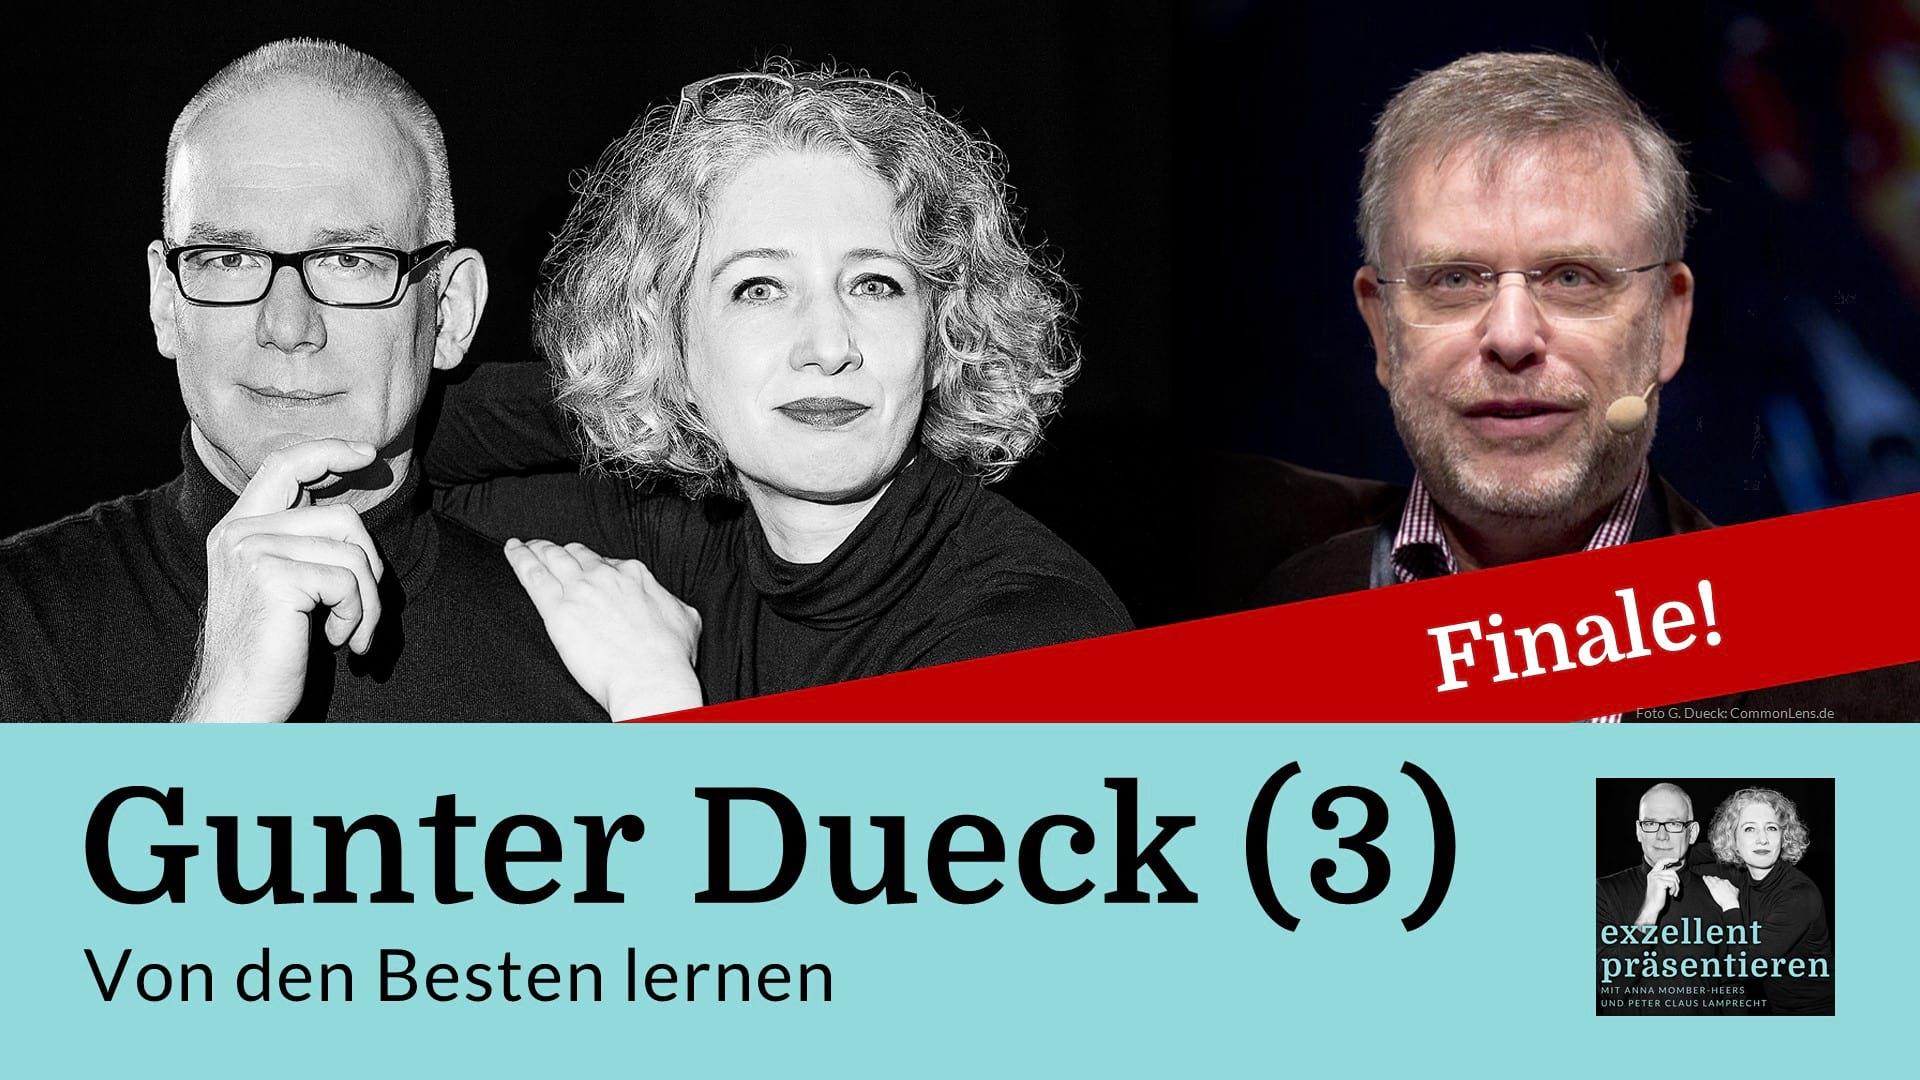 Von den Besten lernen: Gunter Dueck (3)